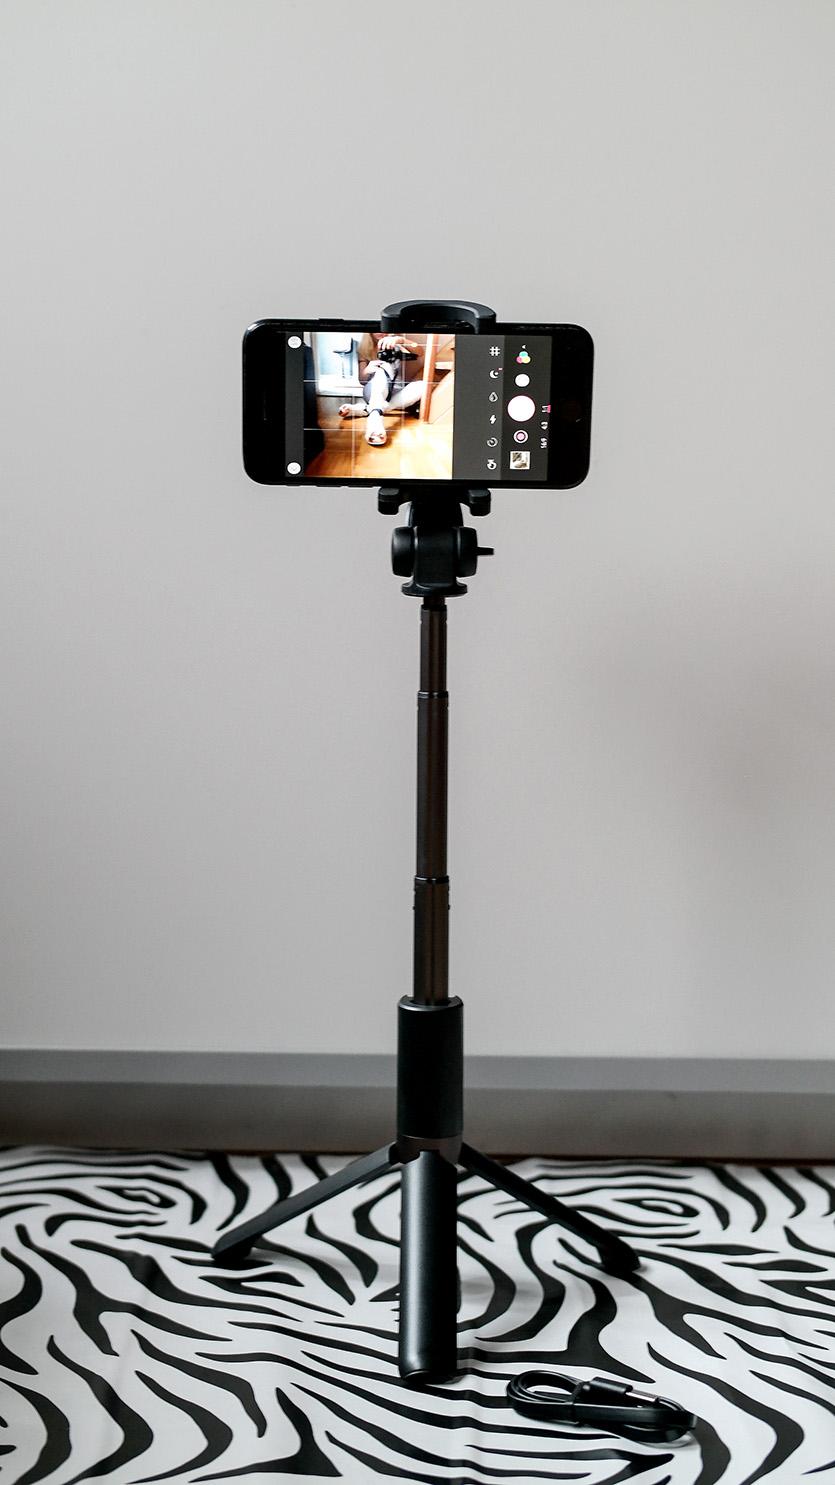 Der coolste Selfie Stick aller Zeiten | Blitzwolf Digital Lifestyle Gimmick inklusive Fernbedienung | hot-port.de | 30+ Style Blog